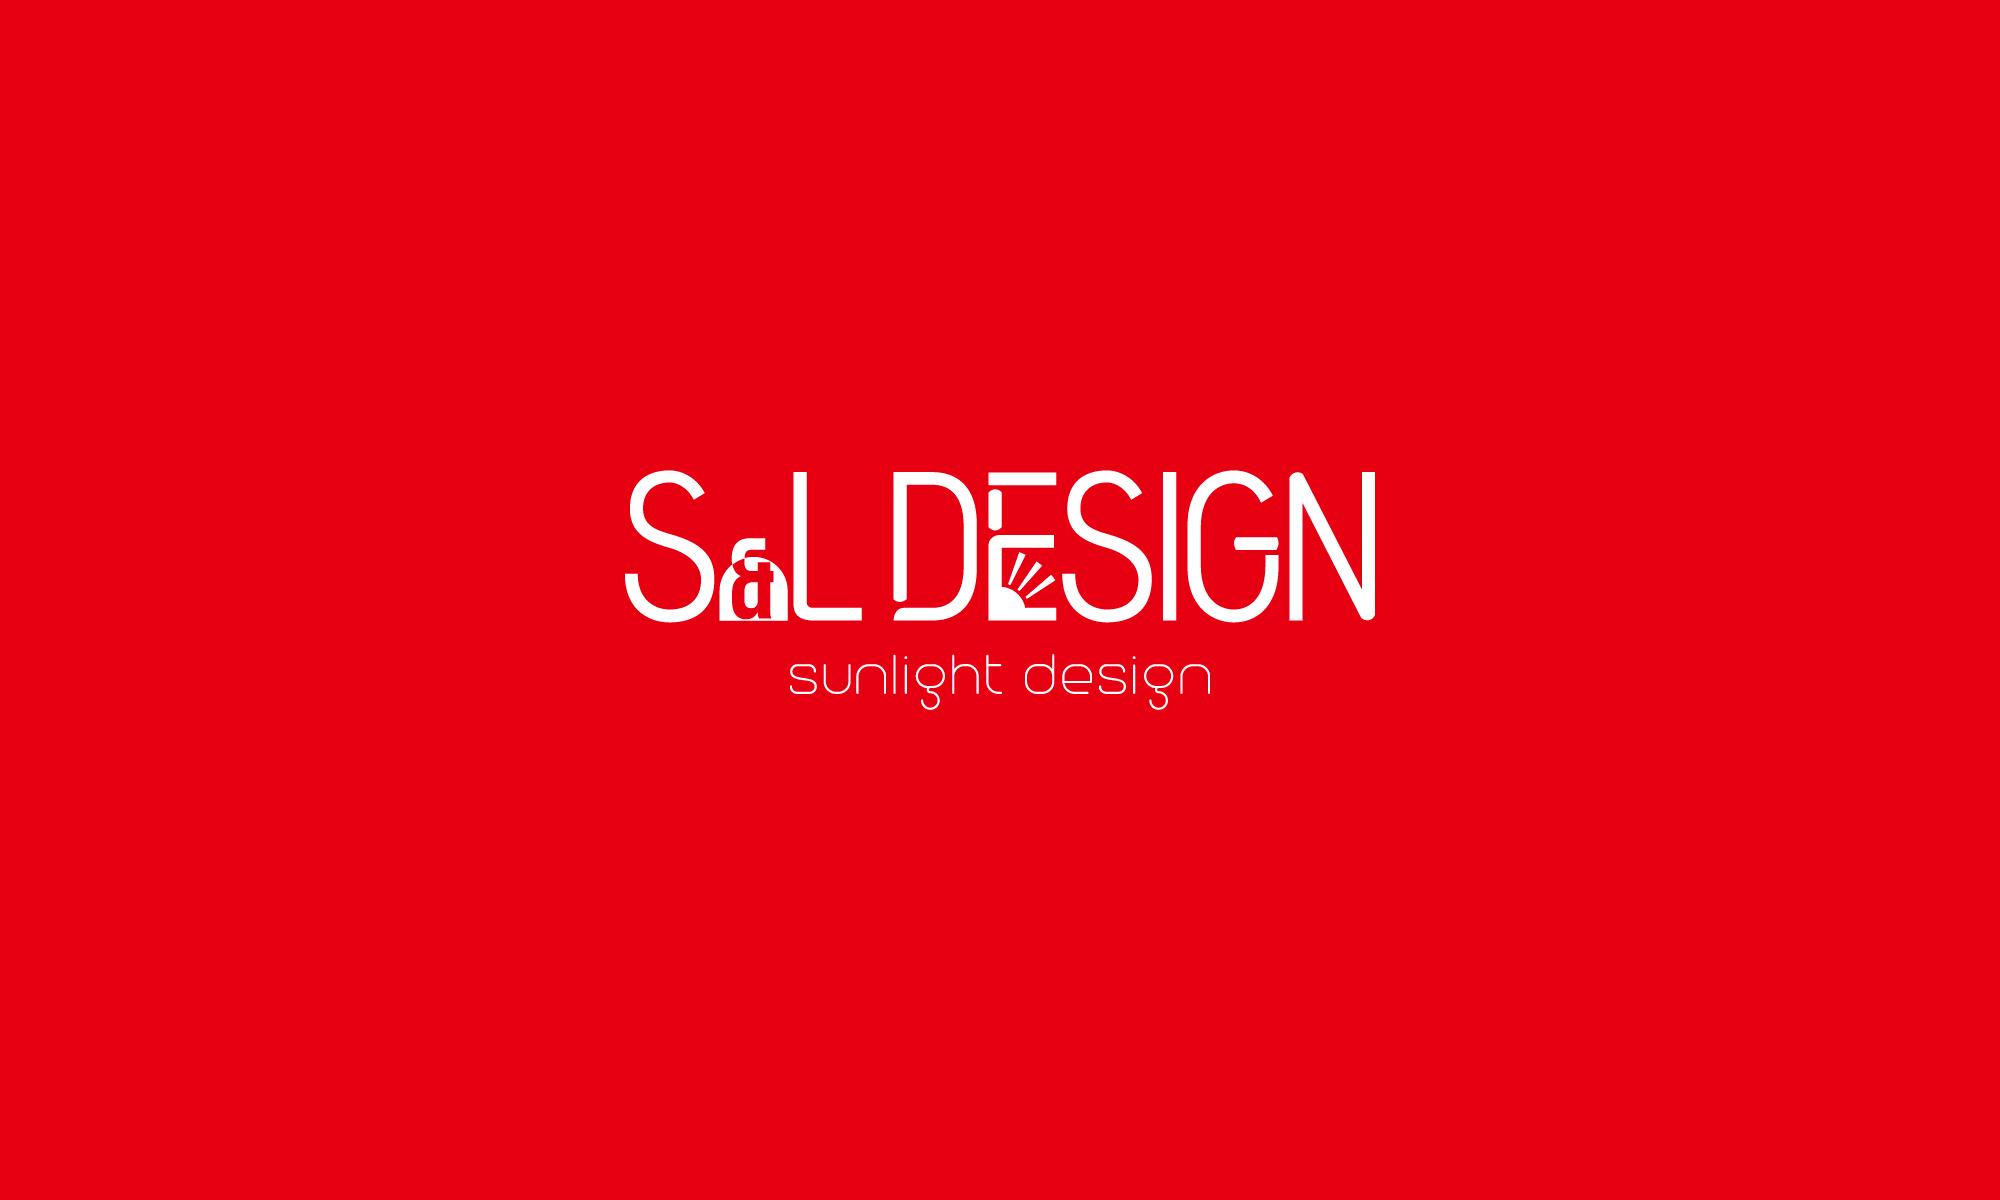 S&L Design